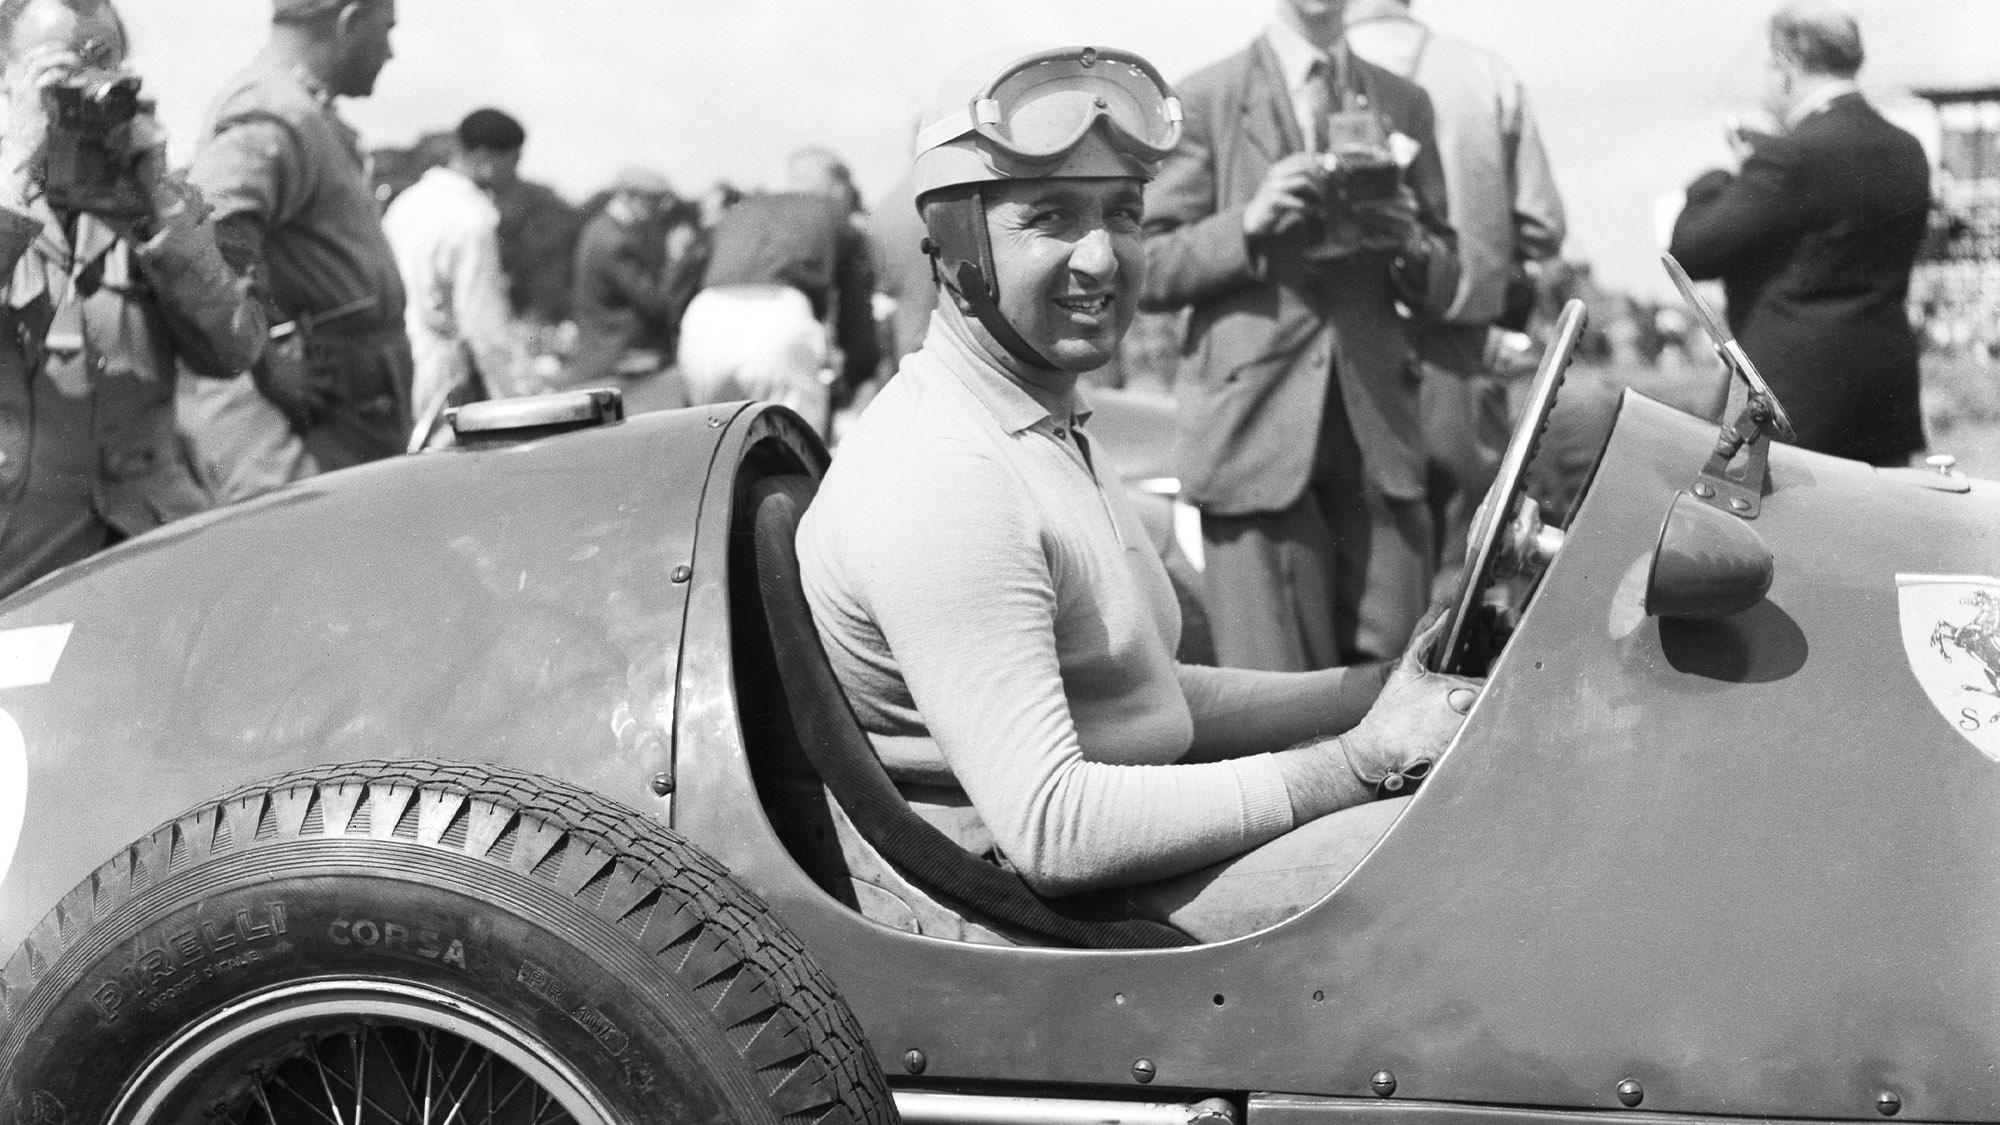 Alberto Ascari on pole for Ferrari ahead of the 1952 British Grand Prix